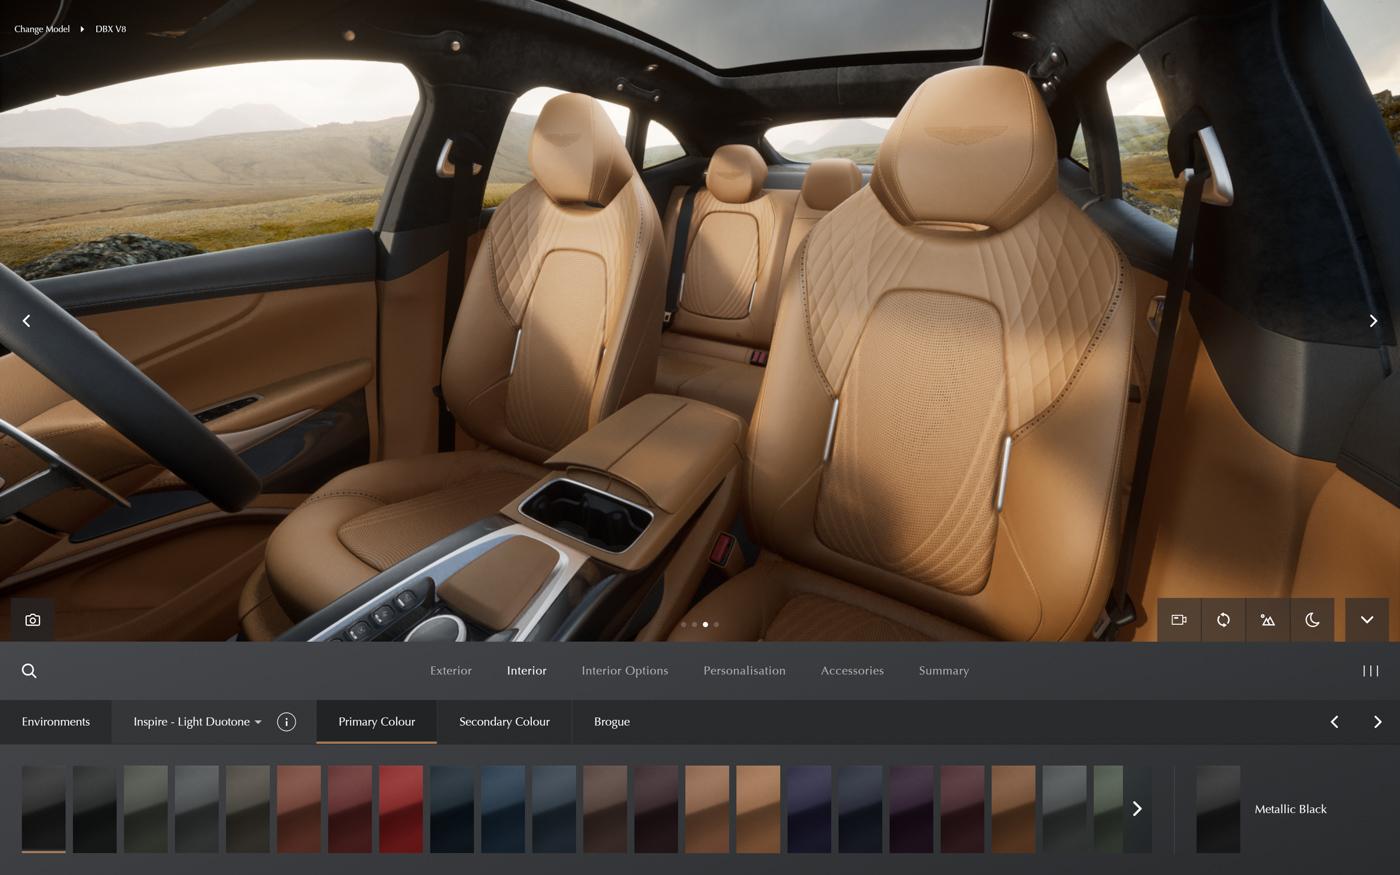 Aston-Martin-công-bố-nâng-cấp-cho-đời-xe-2022-5.jpg